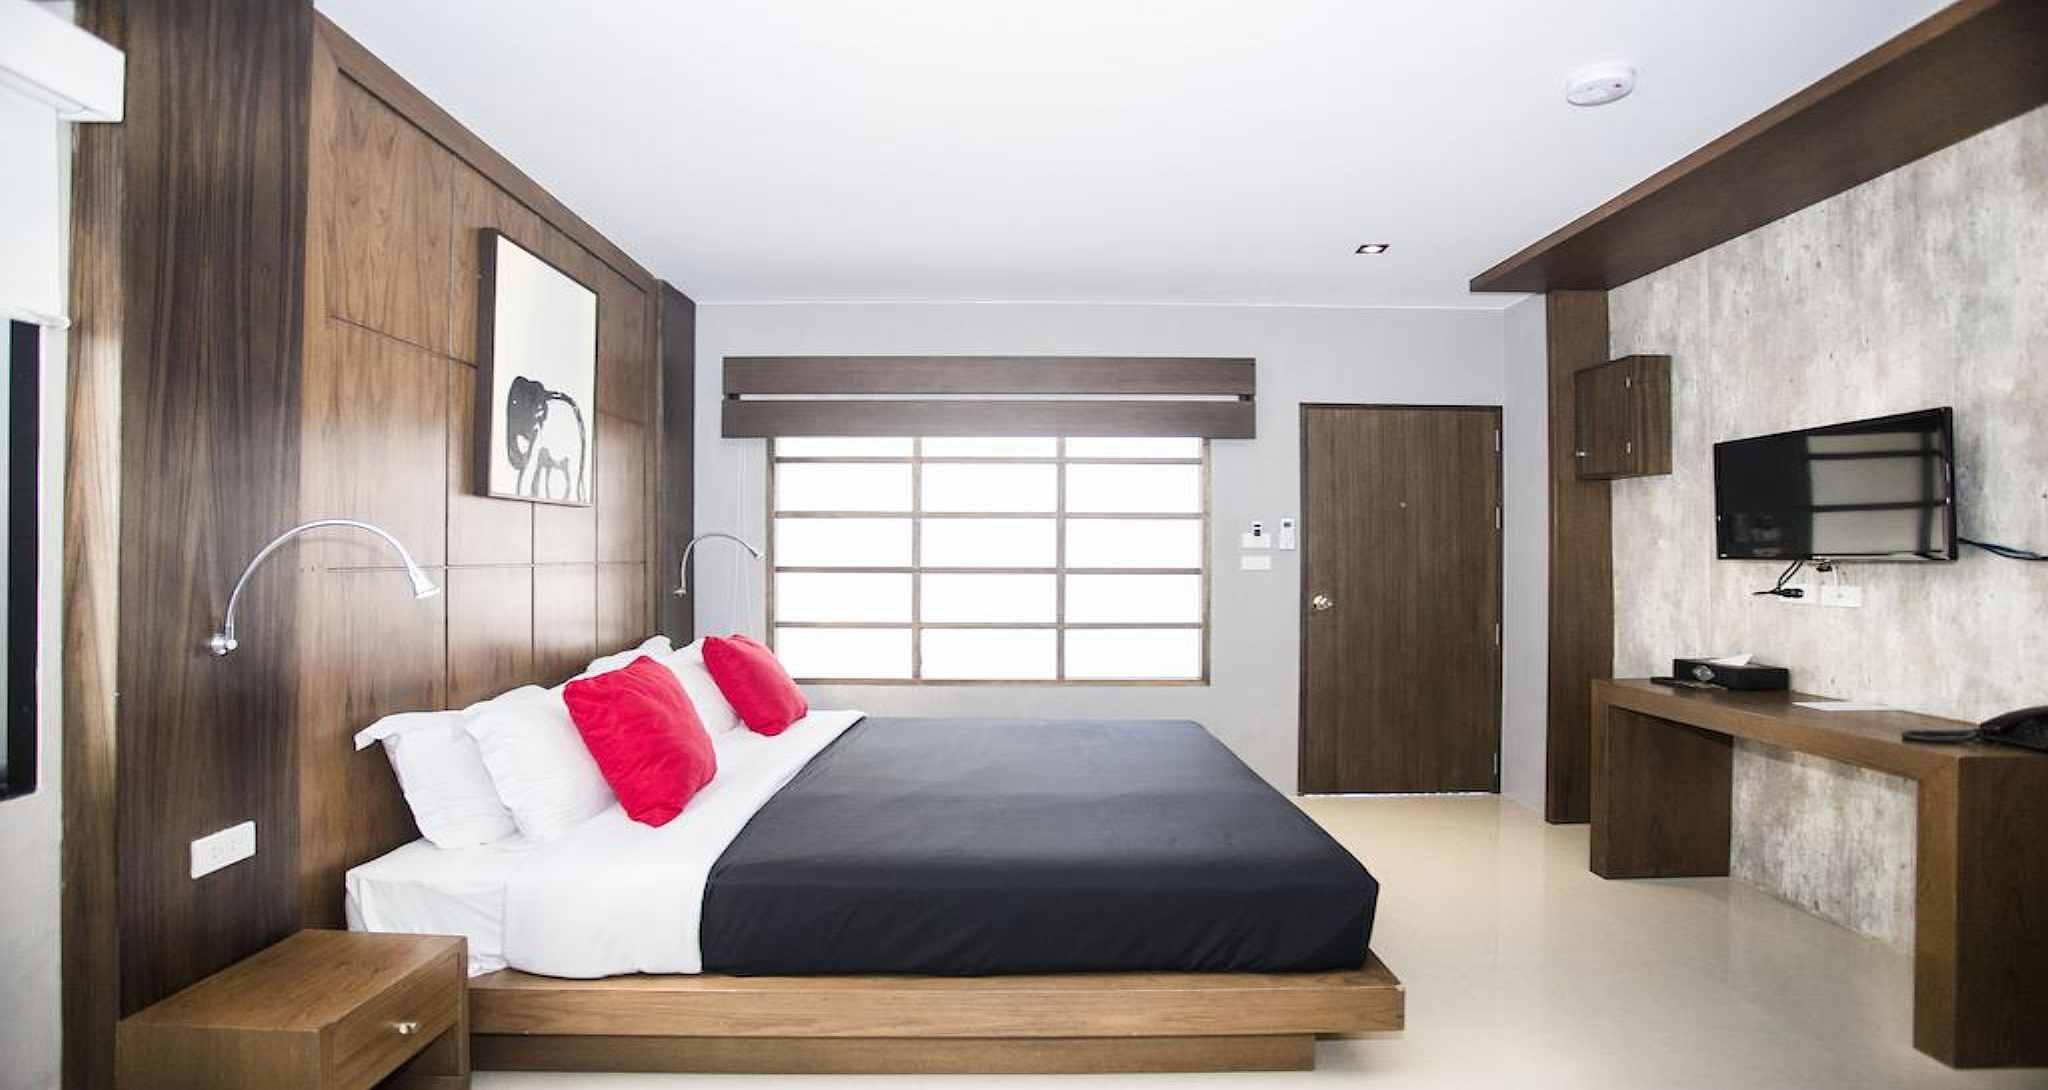 Amenity Apartel Samui, Ko Samui